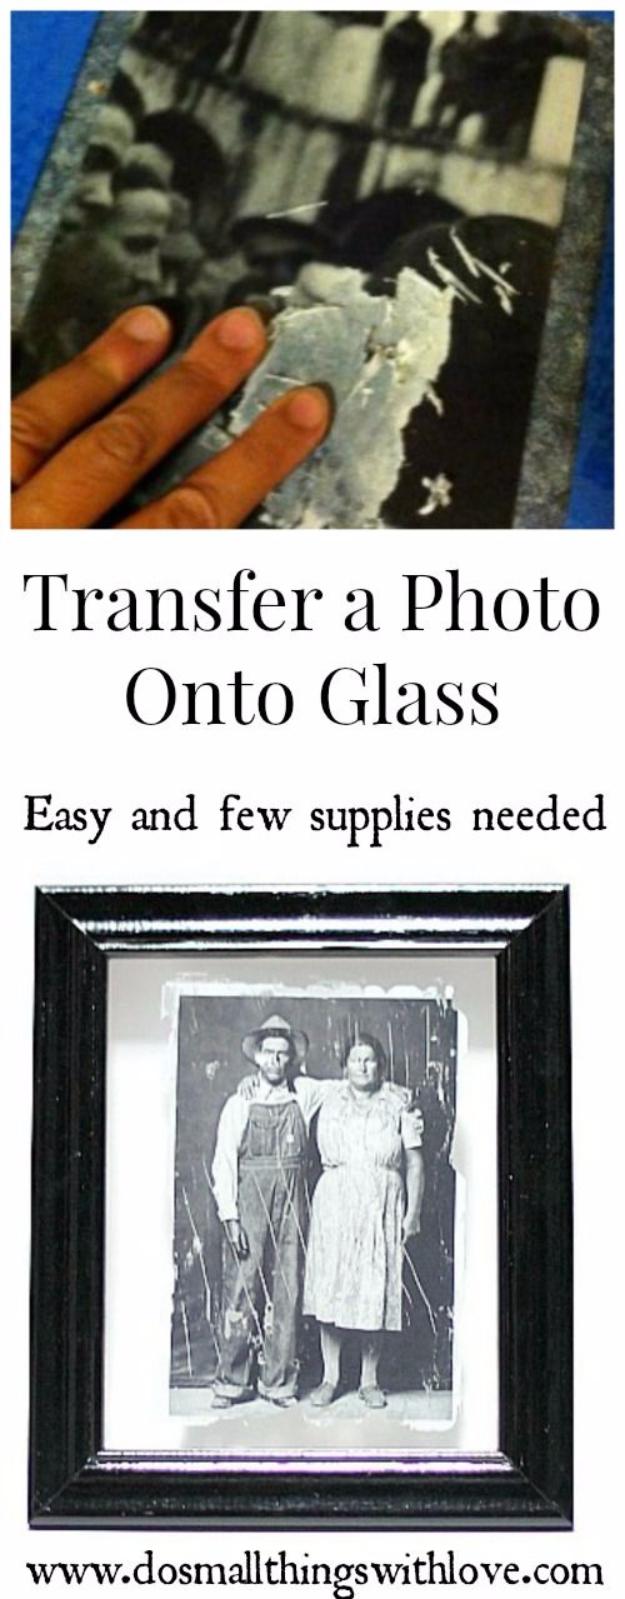 Saját fotó dekupázsozása üveglapra